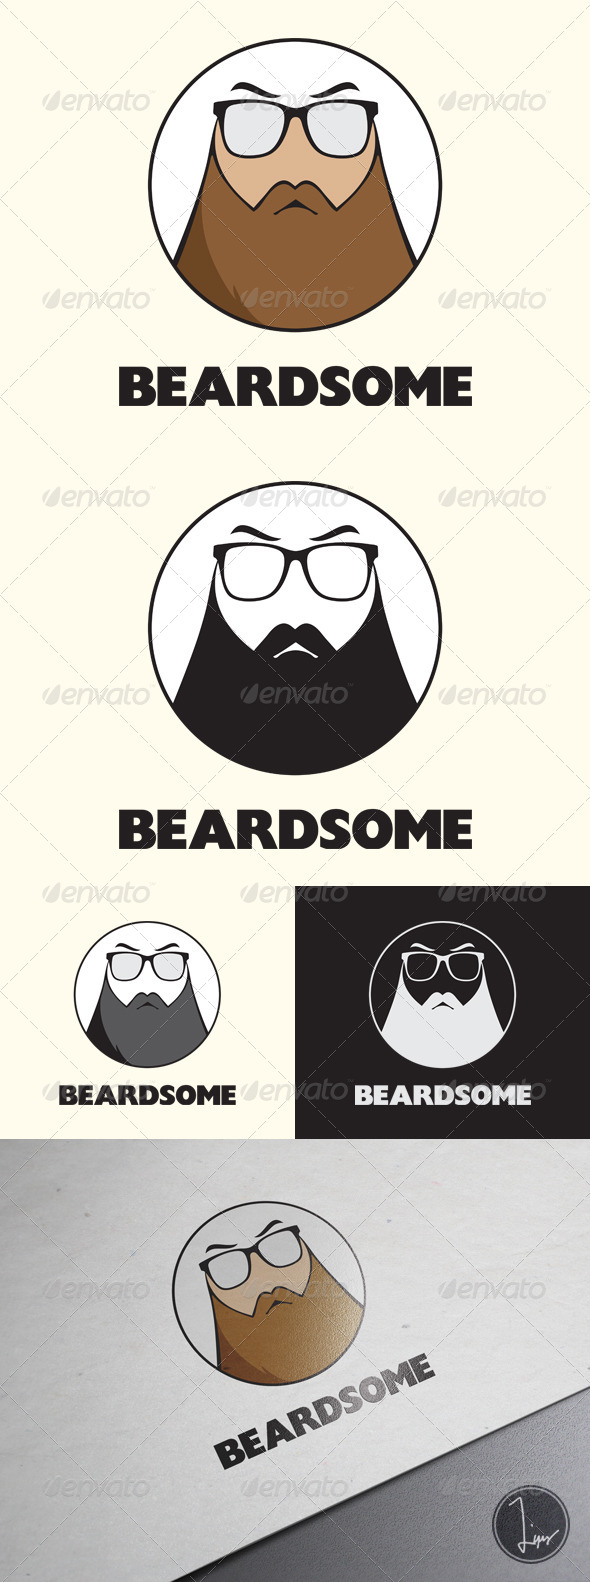 GraphicRiver Beardsome Logo 7161578